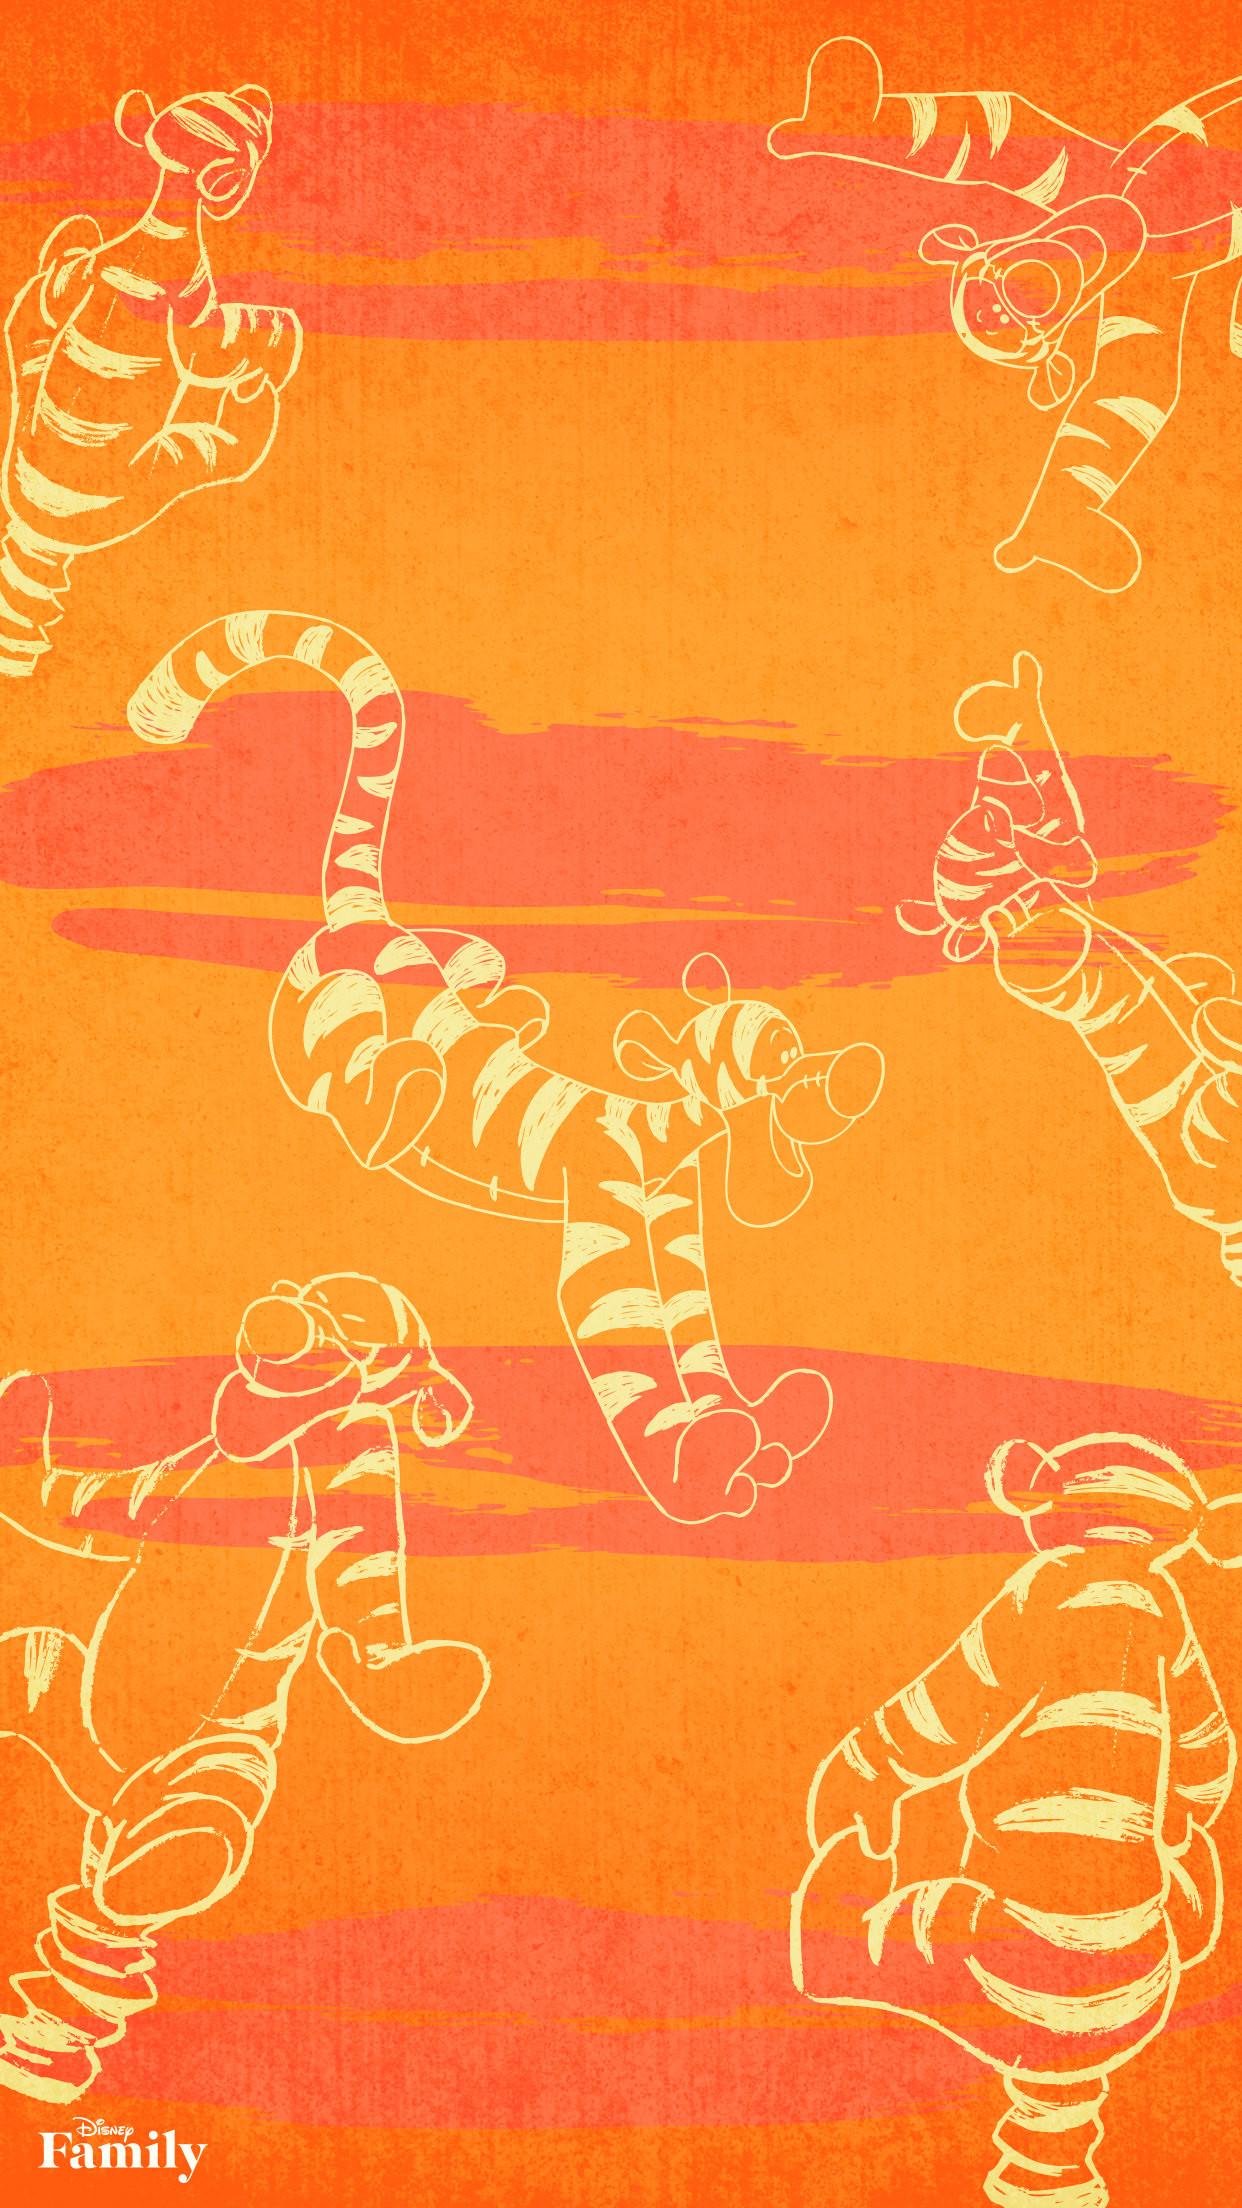 Screen wallpaper · Tigger